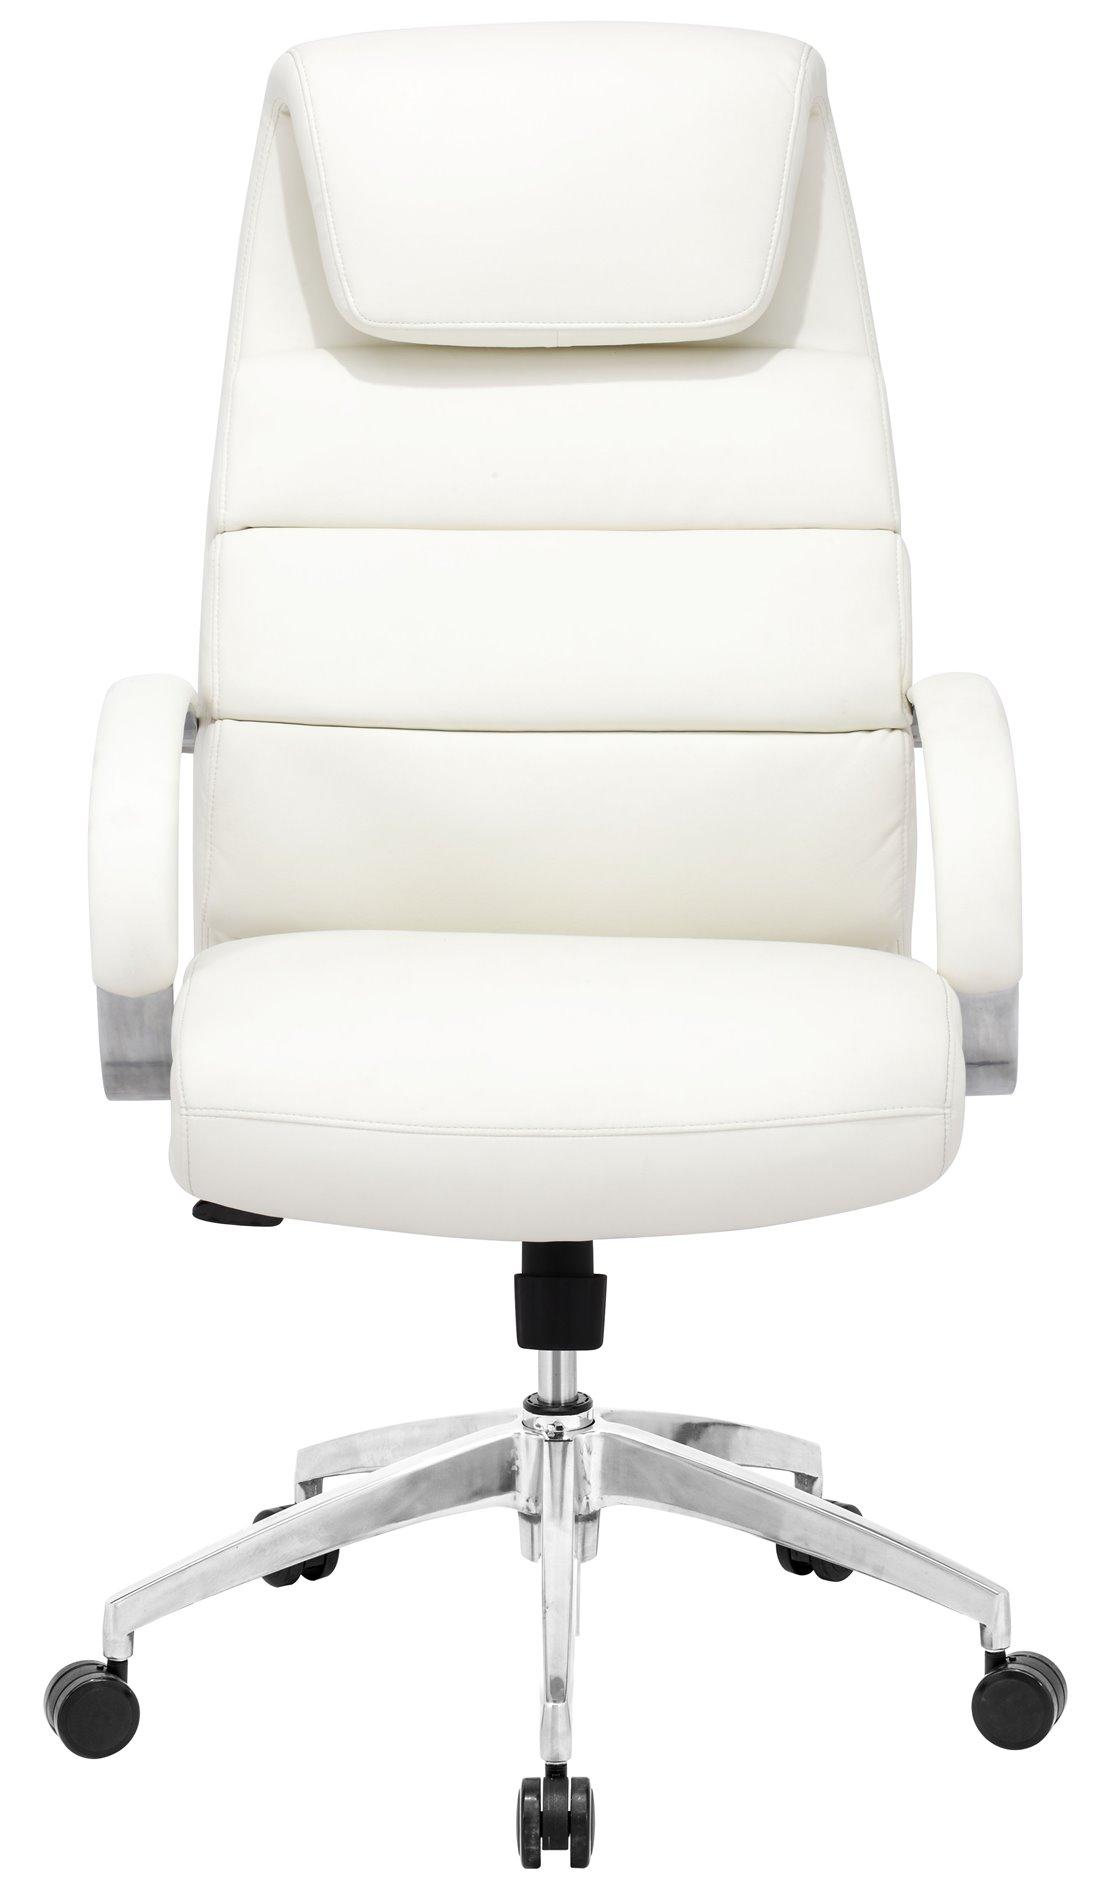 Zuo Modern 205316 Lider Comfort Modern Office Chair Zm 205316